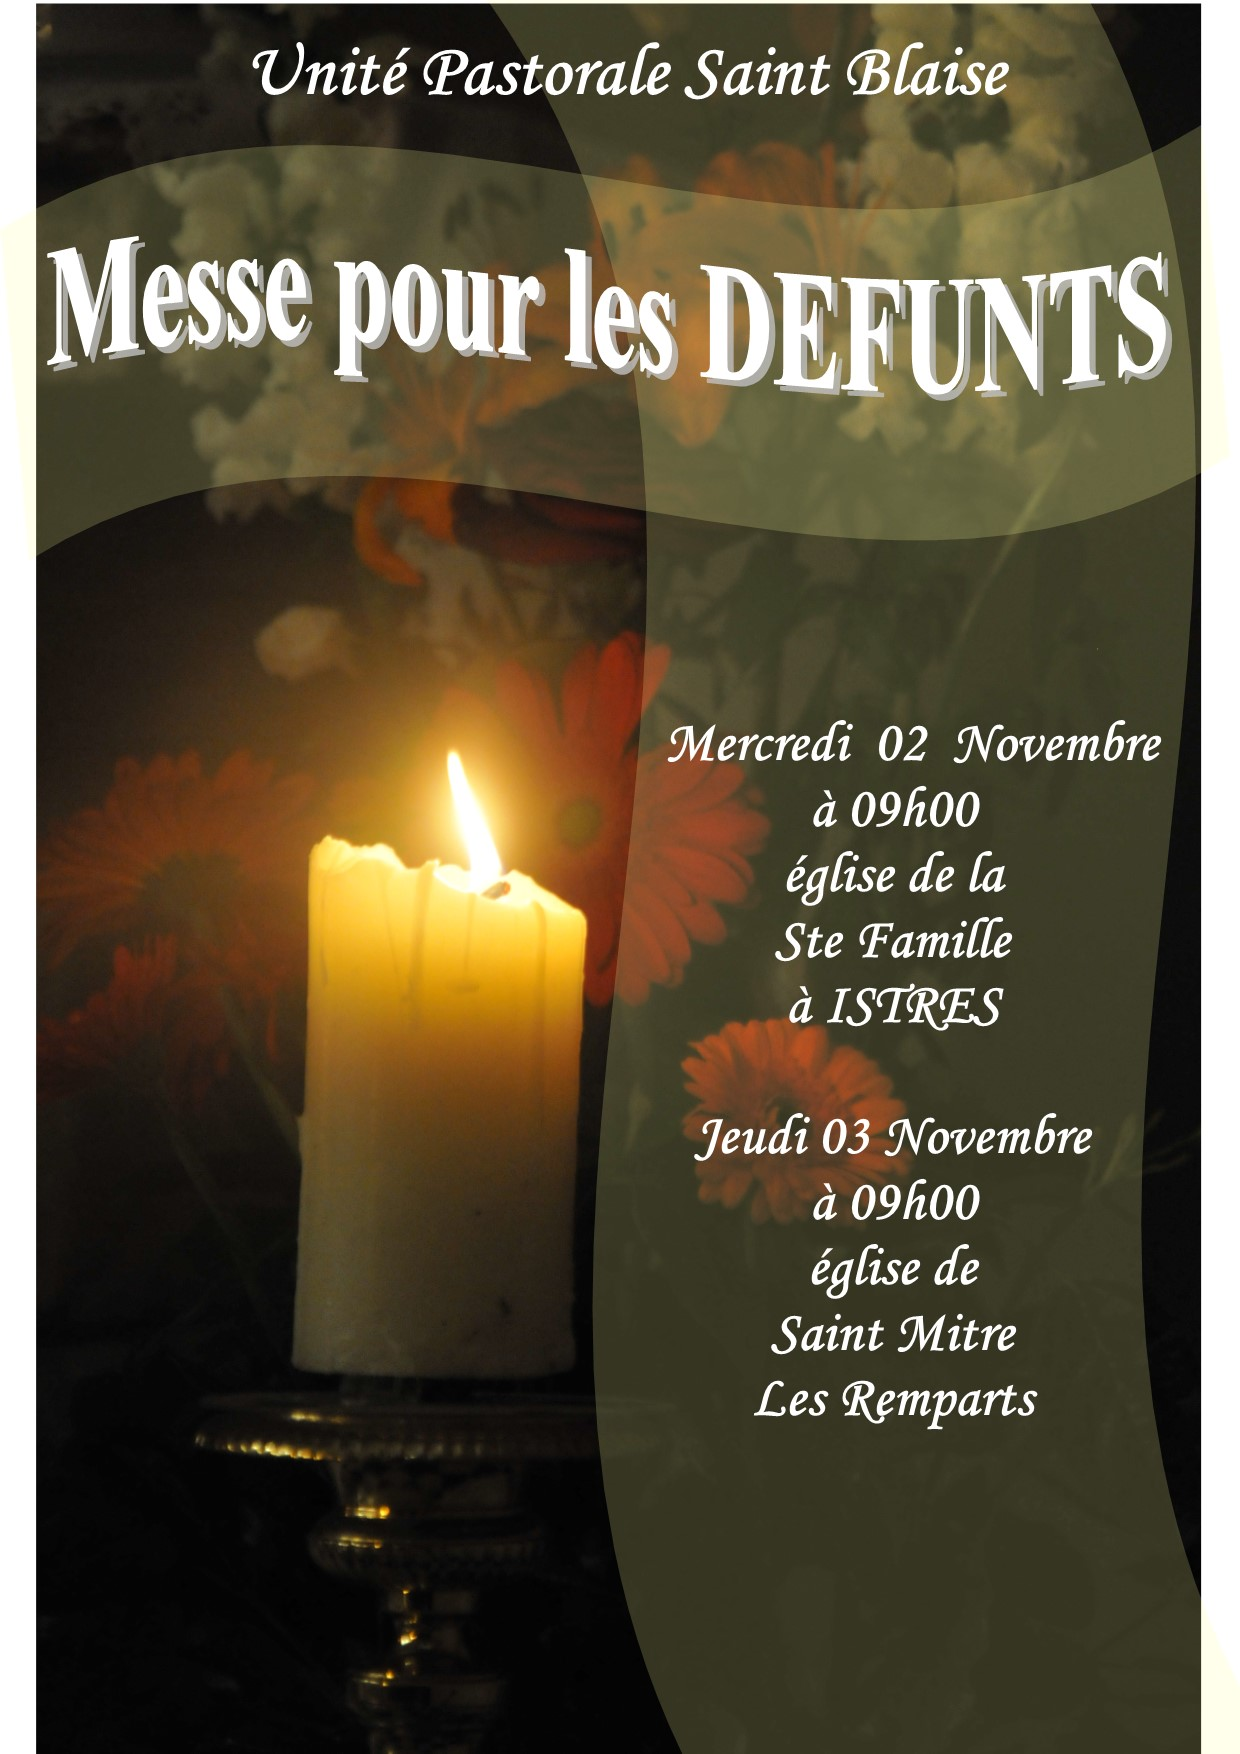 Messes pour les Défunts à Istres et Saint Mitre